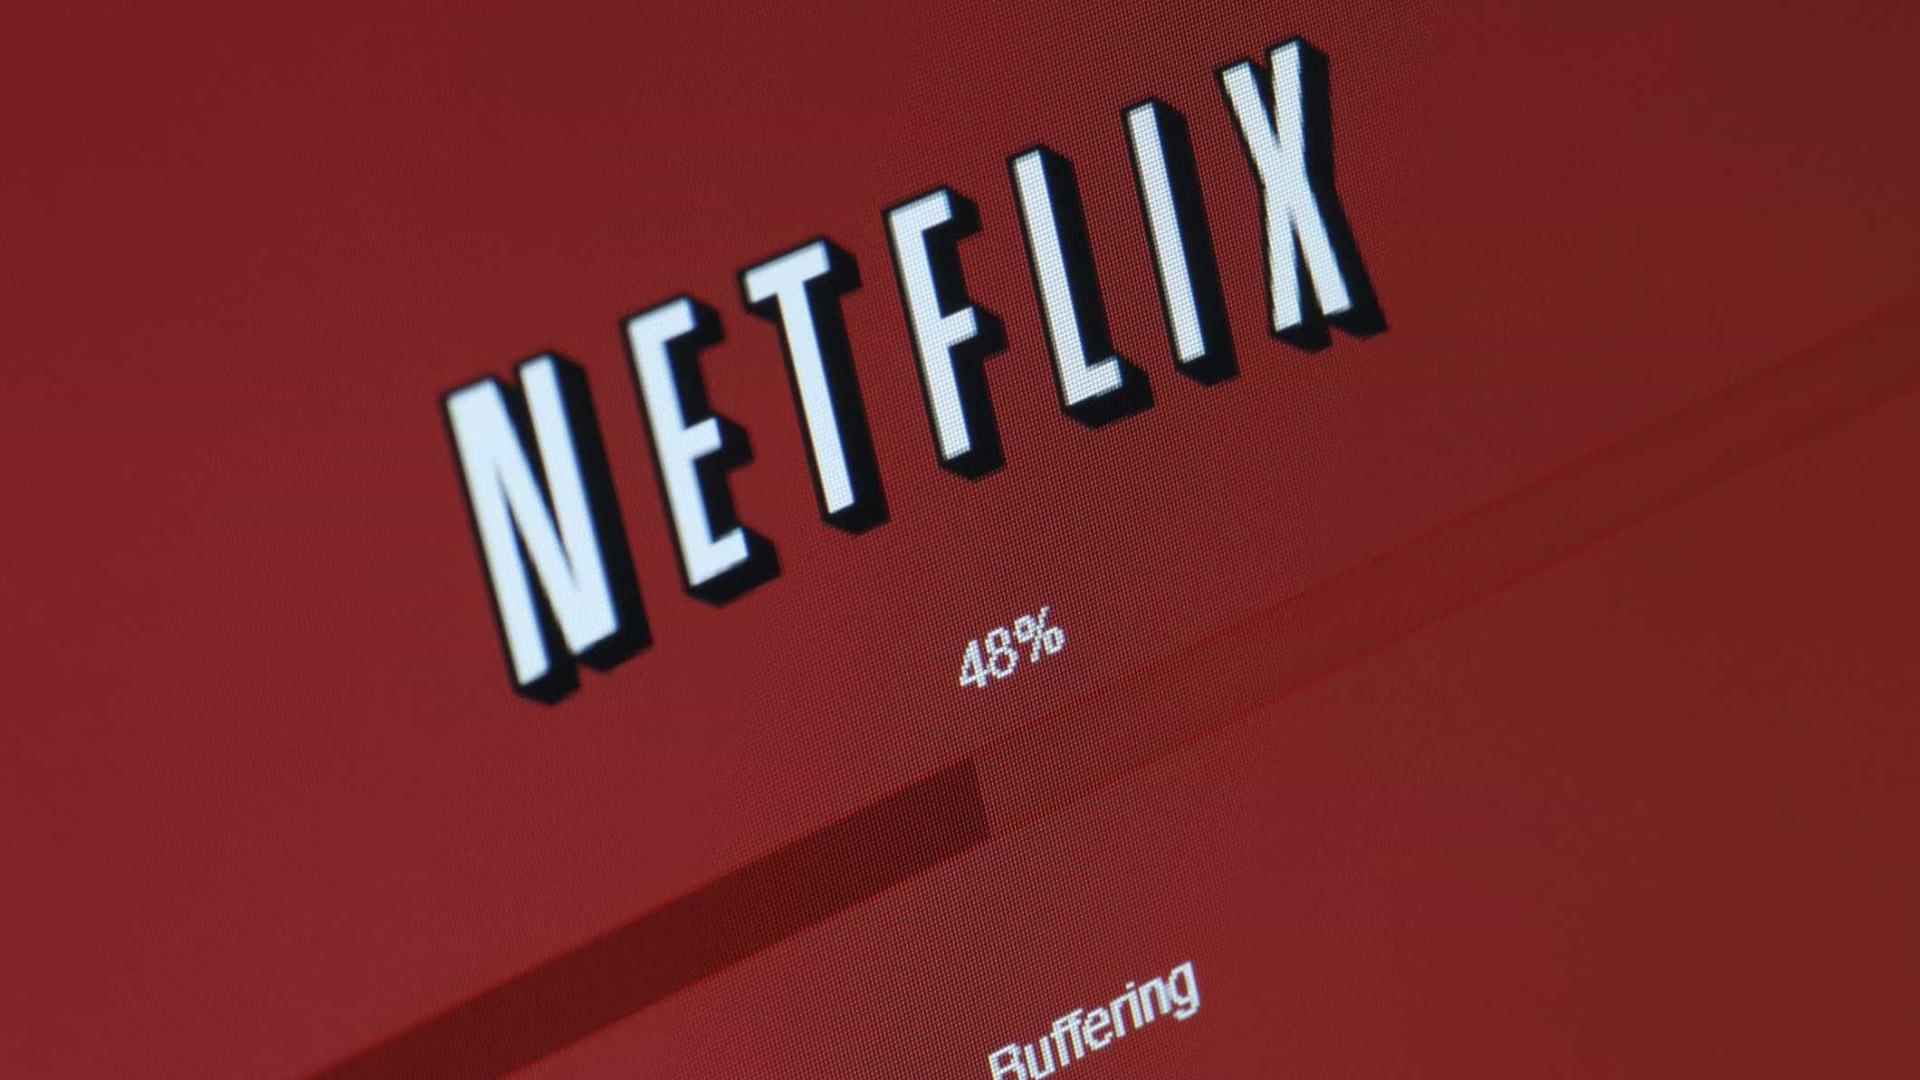 Em 2017 assistiu-se a mil milhões de horas de Netflix… por semana